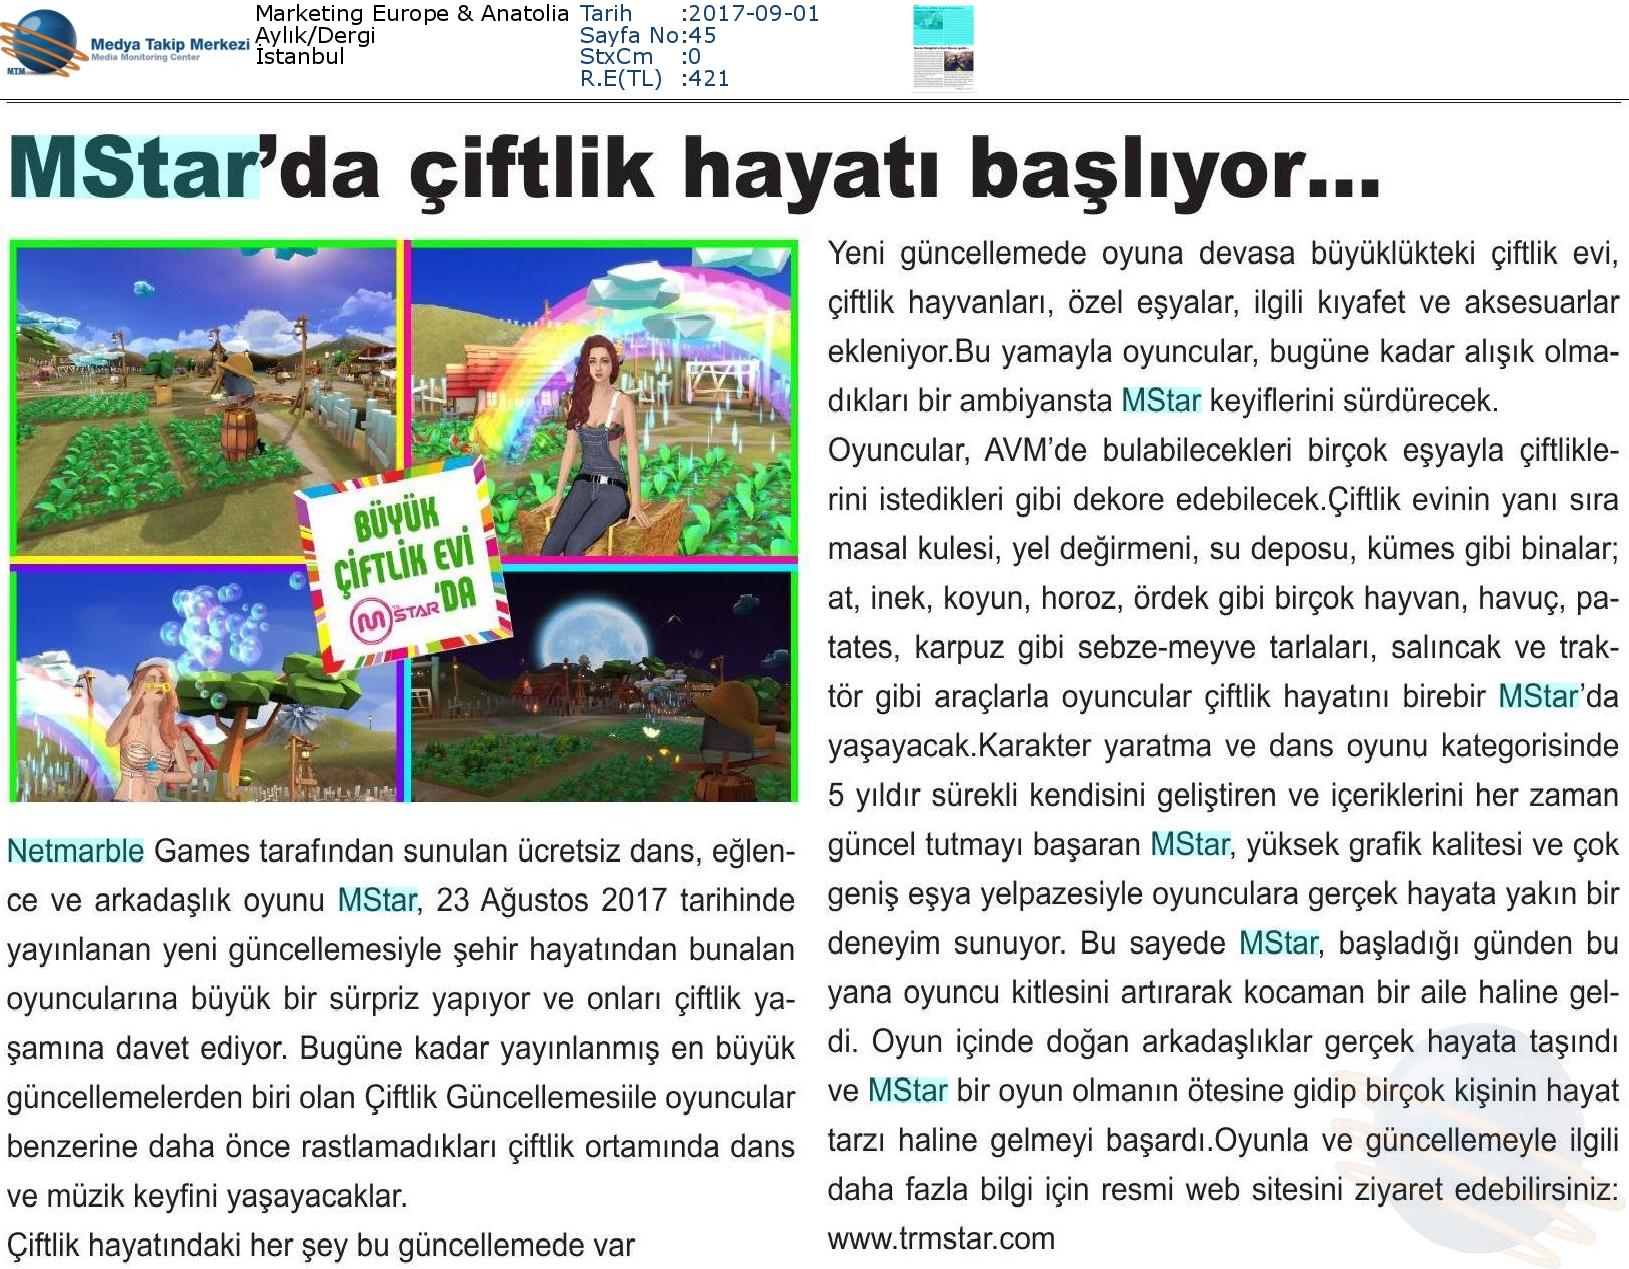 Marketing_Europe__Anatolia-MSTARDA_ÇİFTLİK_HAYATI_BAŞLIYOR...-01.09.2017